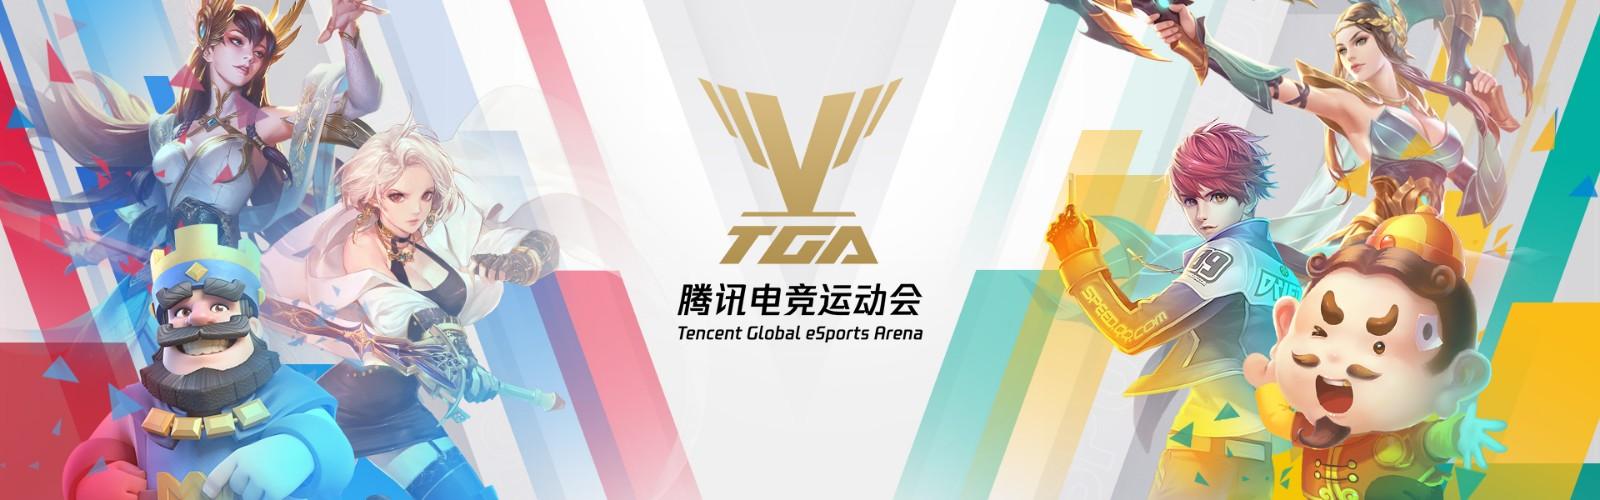 2019 TGA腾讯电竞运动会四月分站赛今日揭幕 线上线下同步观赛